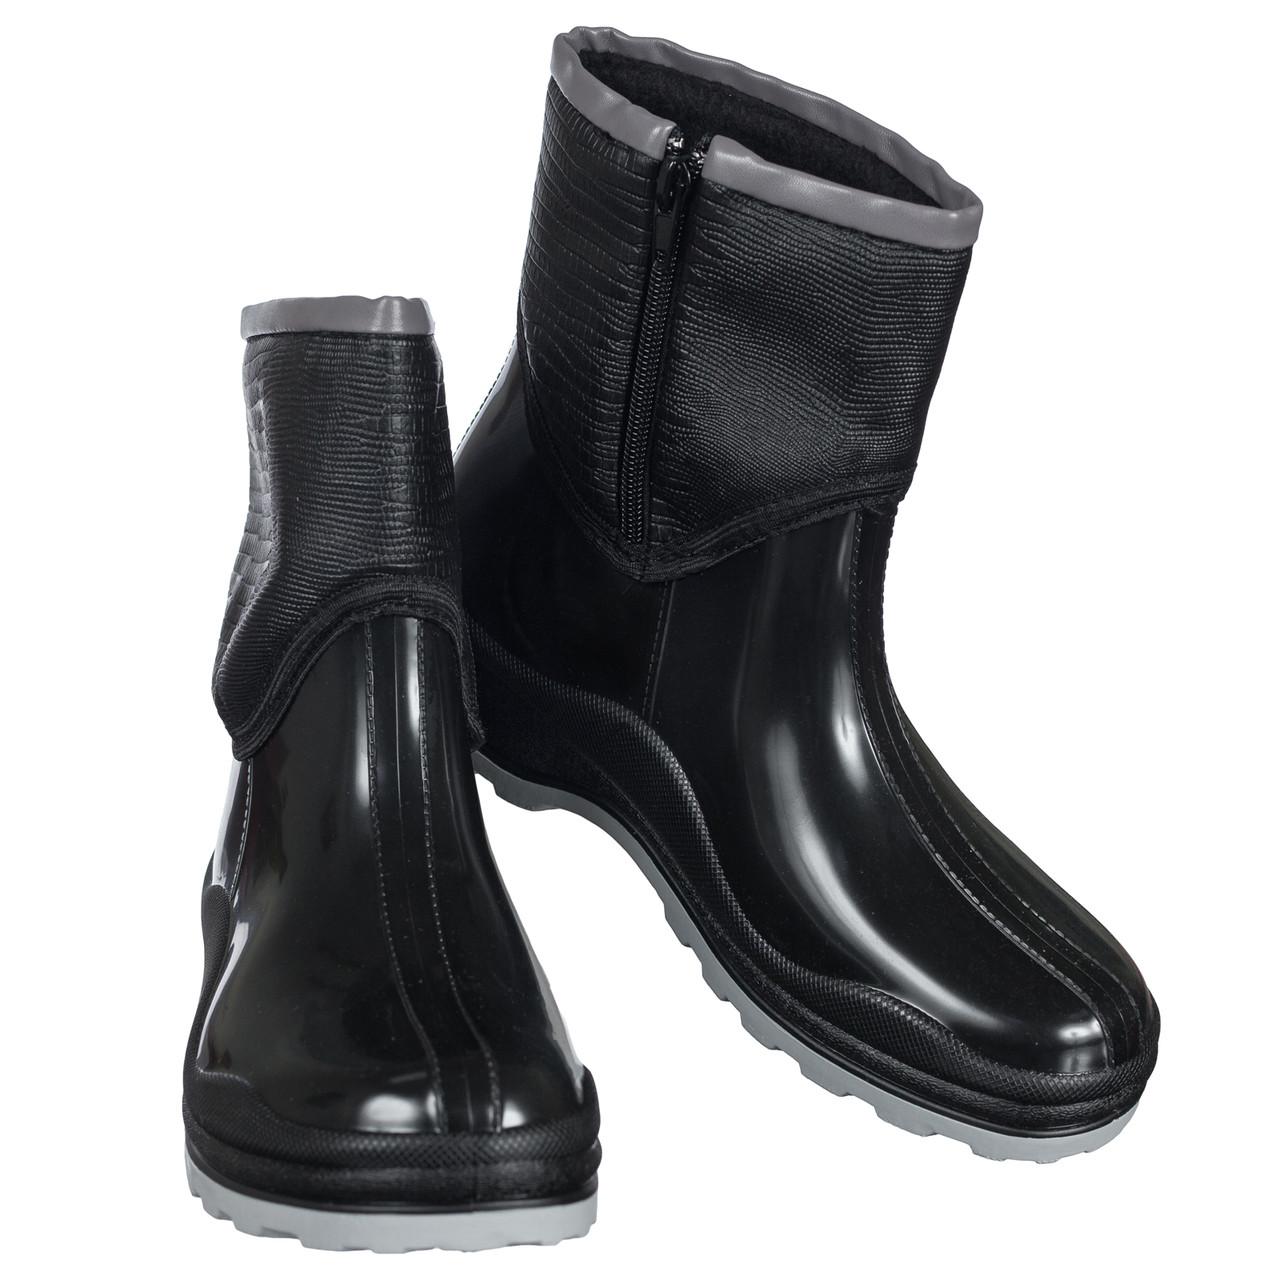 Ботинки полусапожки резиновые непромокаемые утепленные флисом по всей длине черные женские b-432